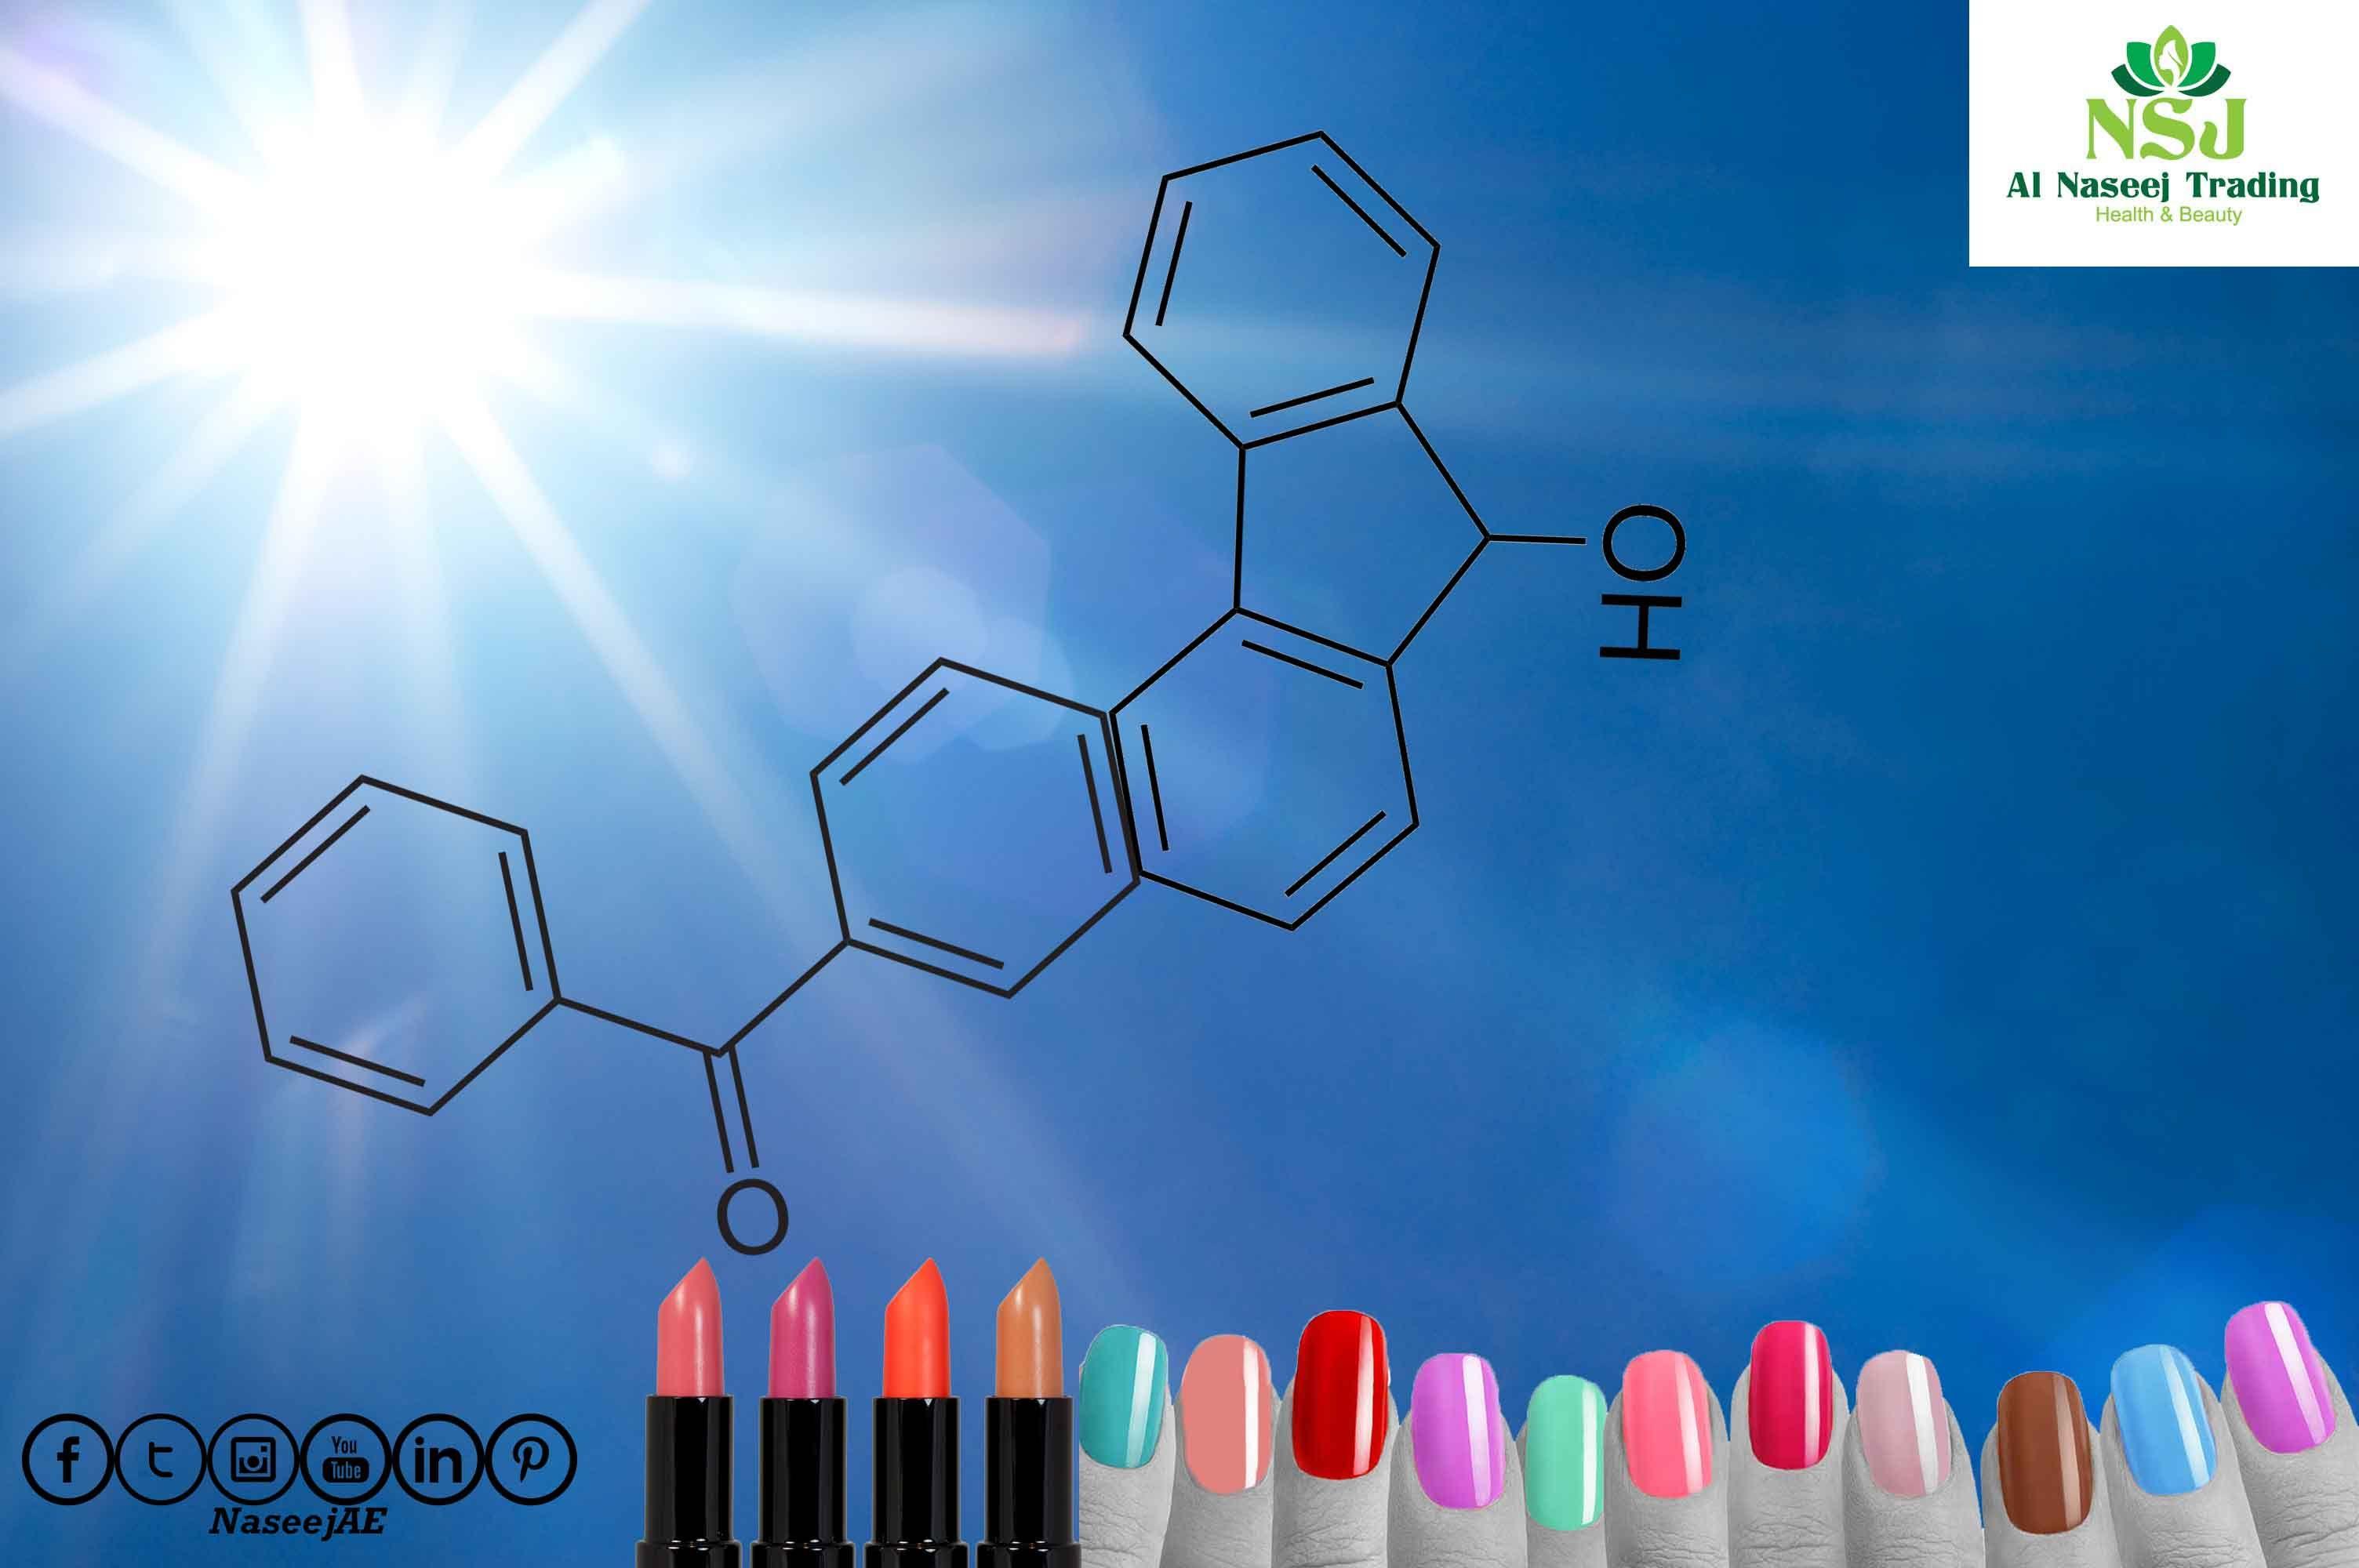 متوفر لدينا بنزوفينون هو مركب كيميائي عضوي من مجموعة الكيتونات العطرية وهو مسحوق بلوري أصفر أو أصفر فاتح يستخد Ultra Violet Happy Birthday To You Trading